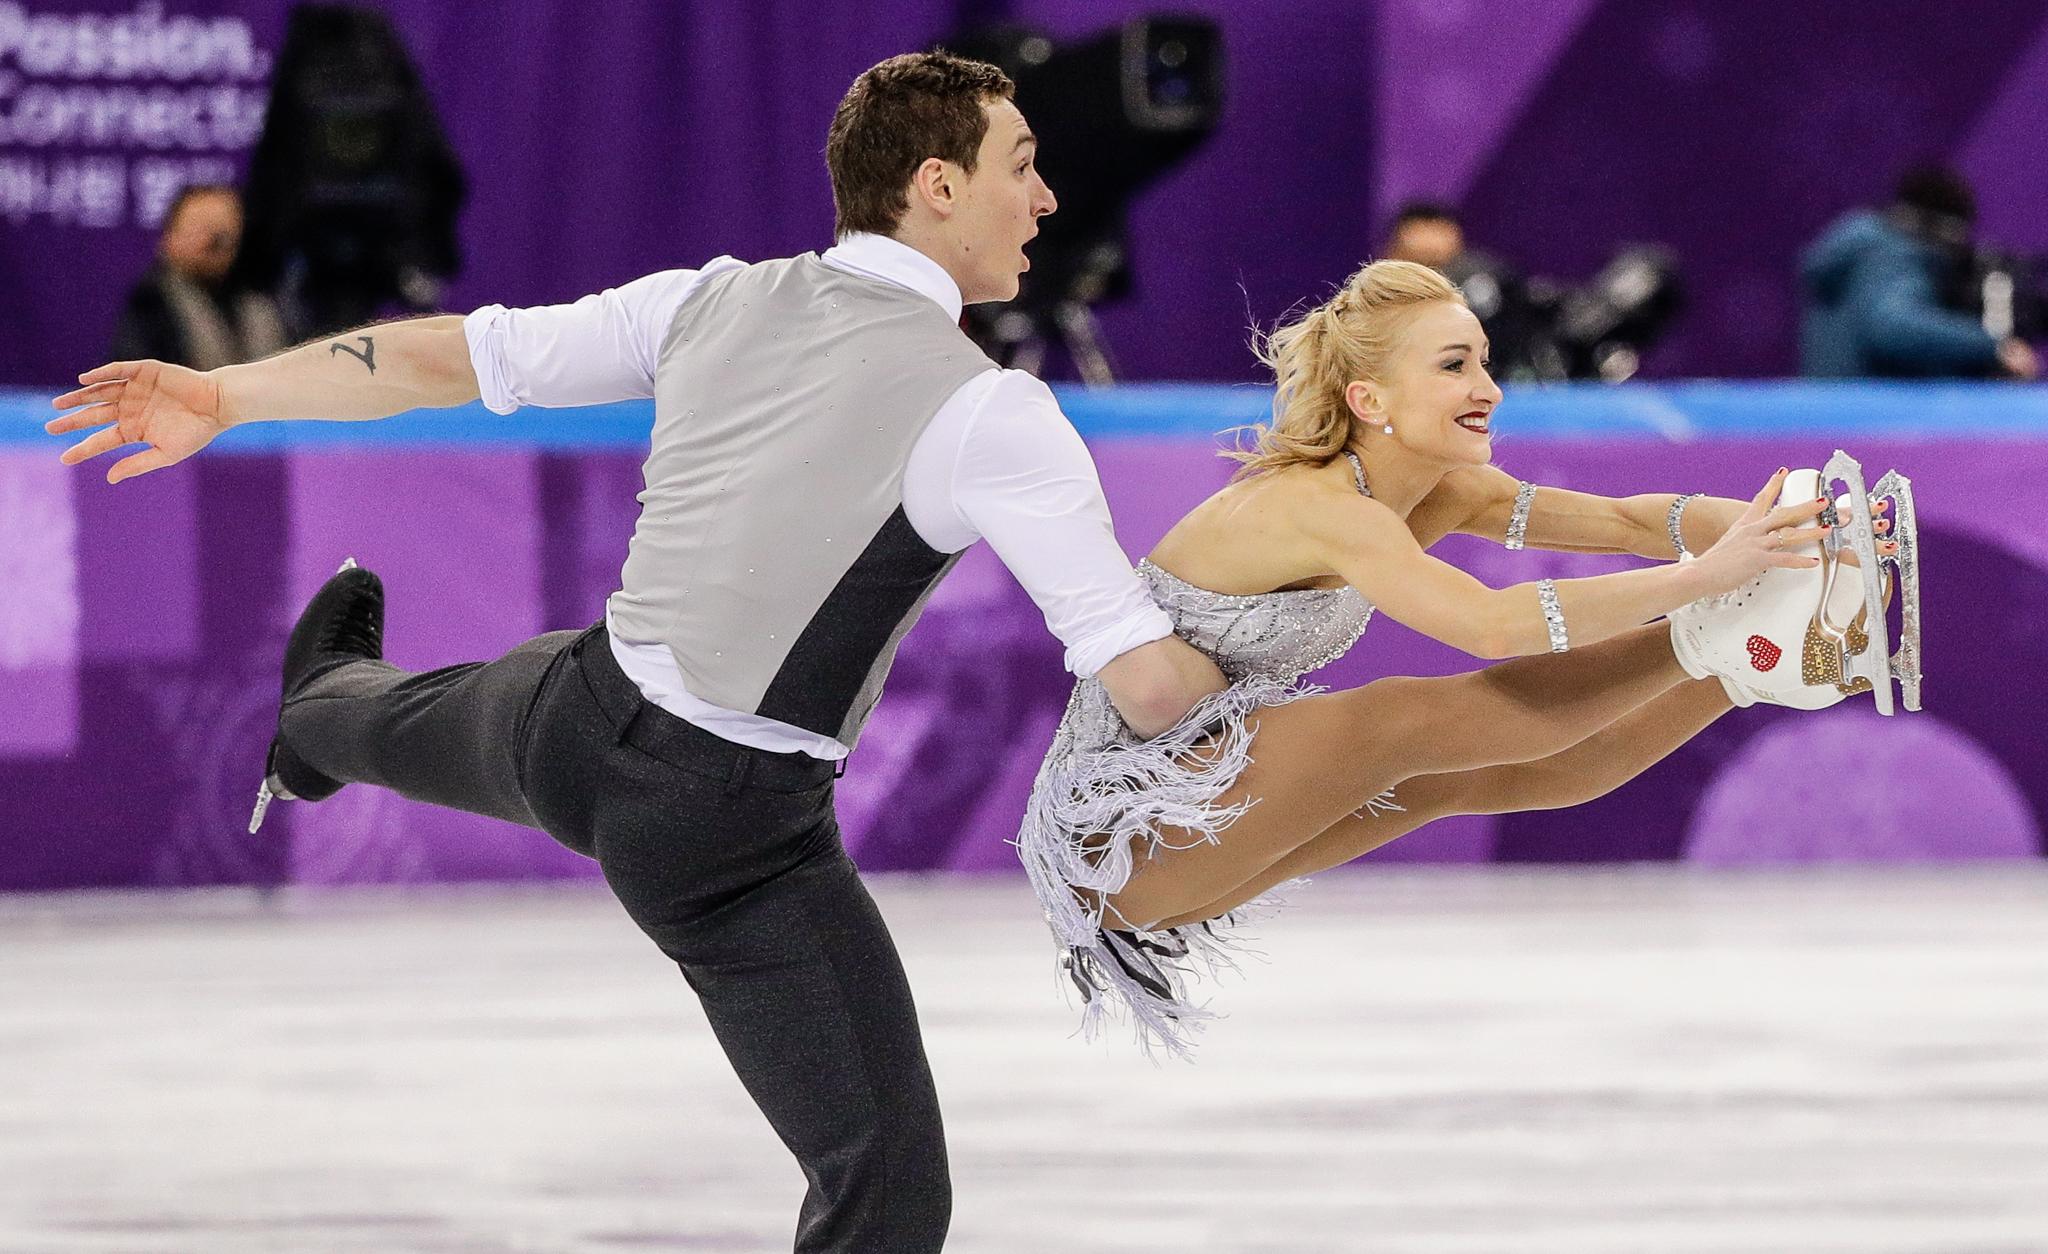 Homem e mulher competem em patinação artística (© David J. Phillip/AP Images)